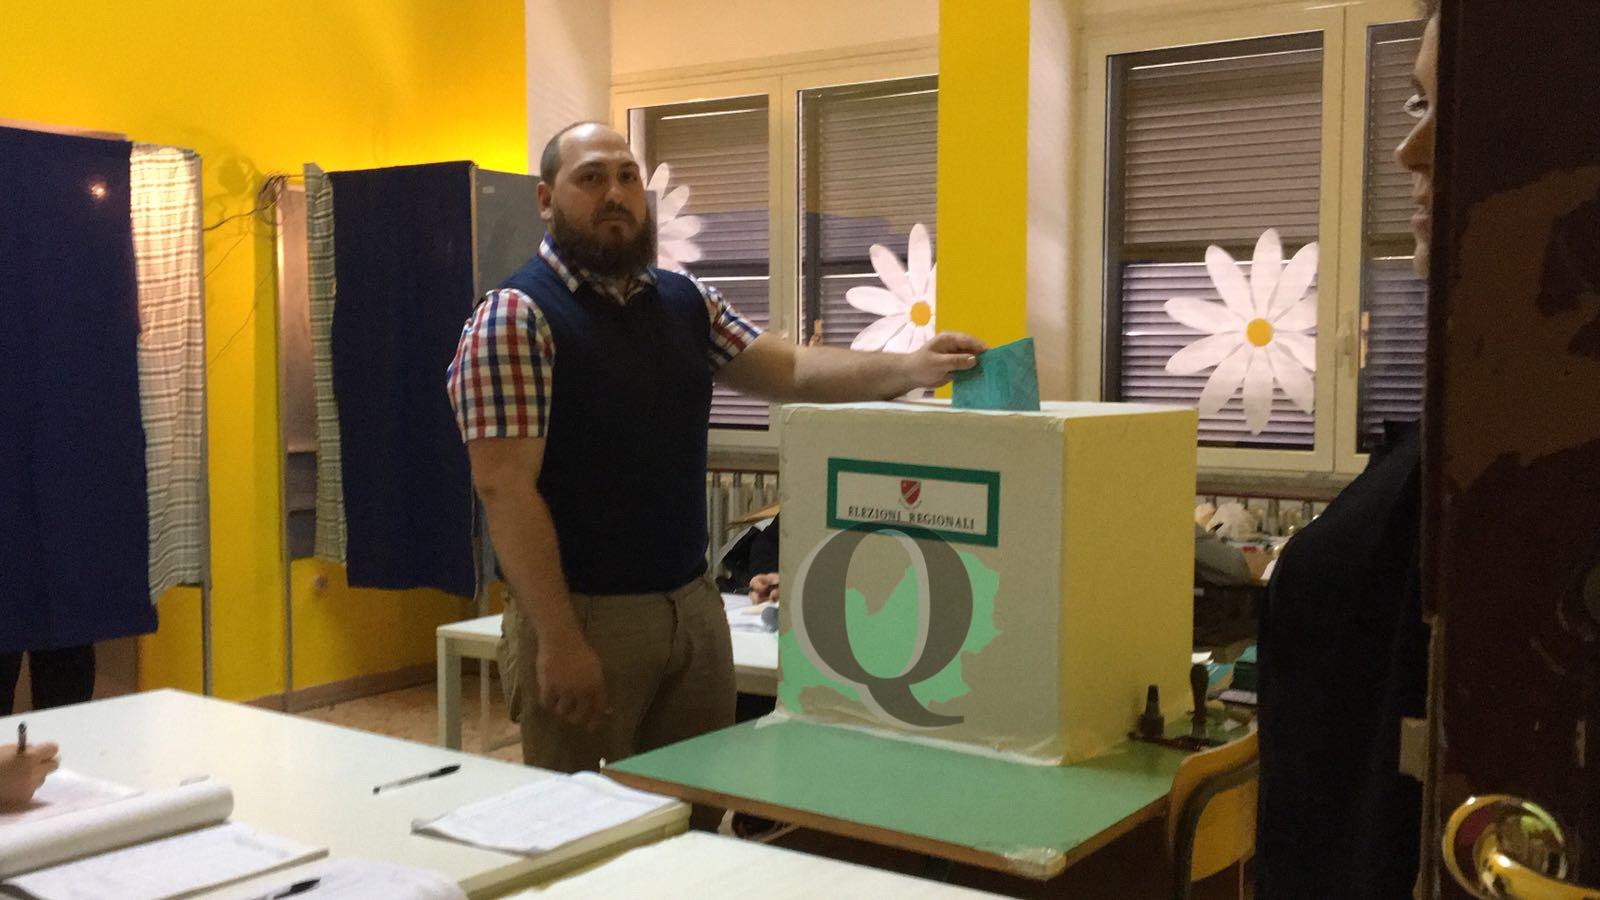 Elezioni Regionali 2018: il primo a votare è il candidato presidente di CasaPound